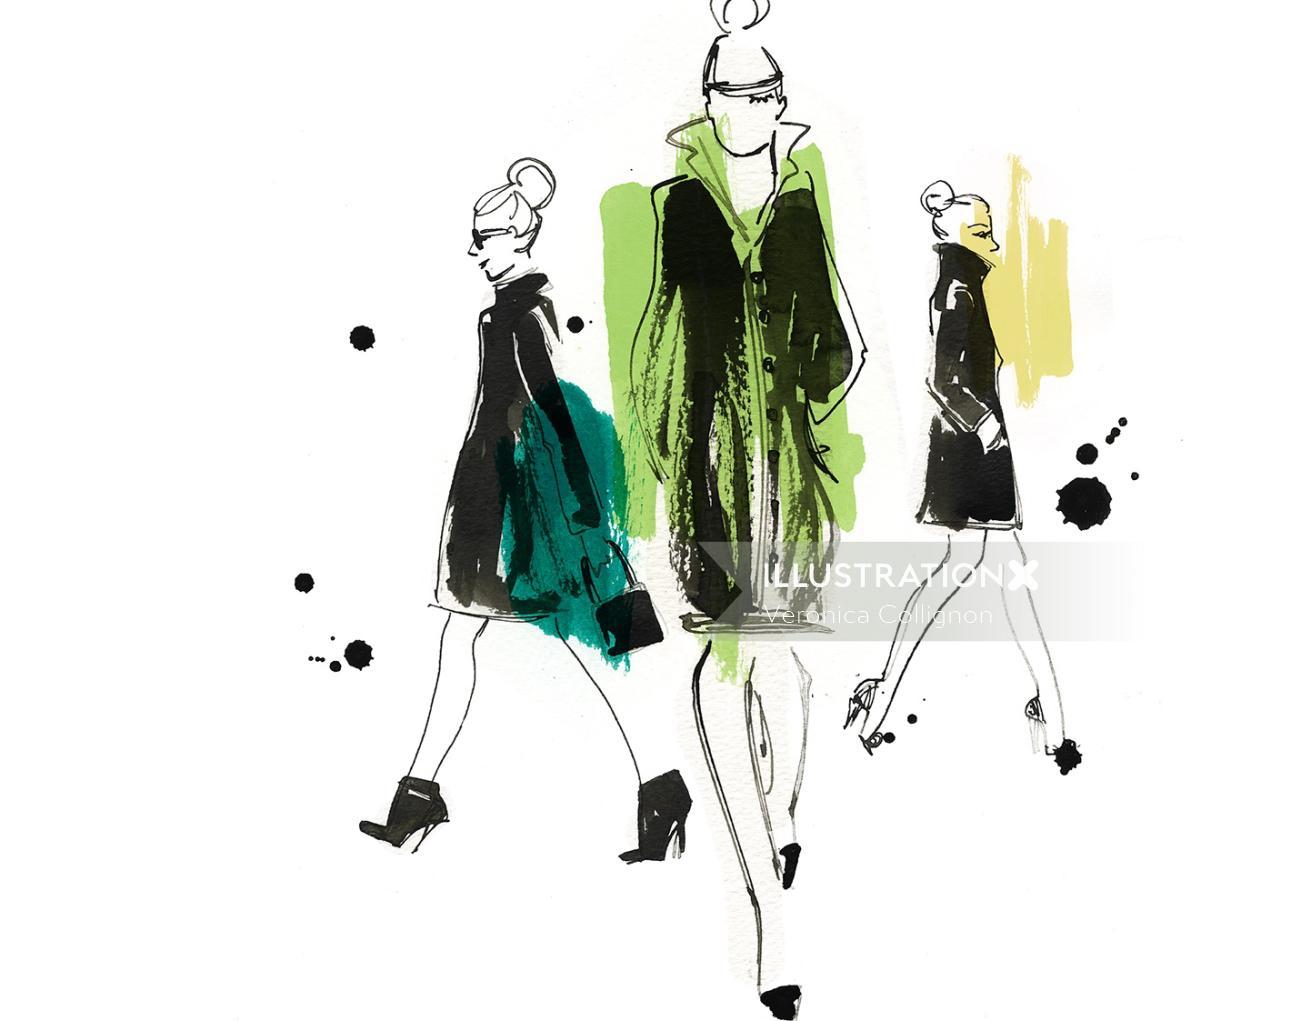 Fashion Illustration By Veronica Collignon